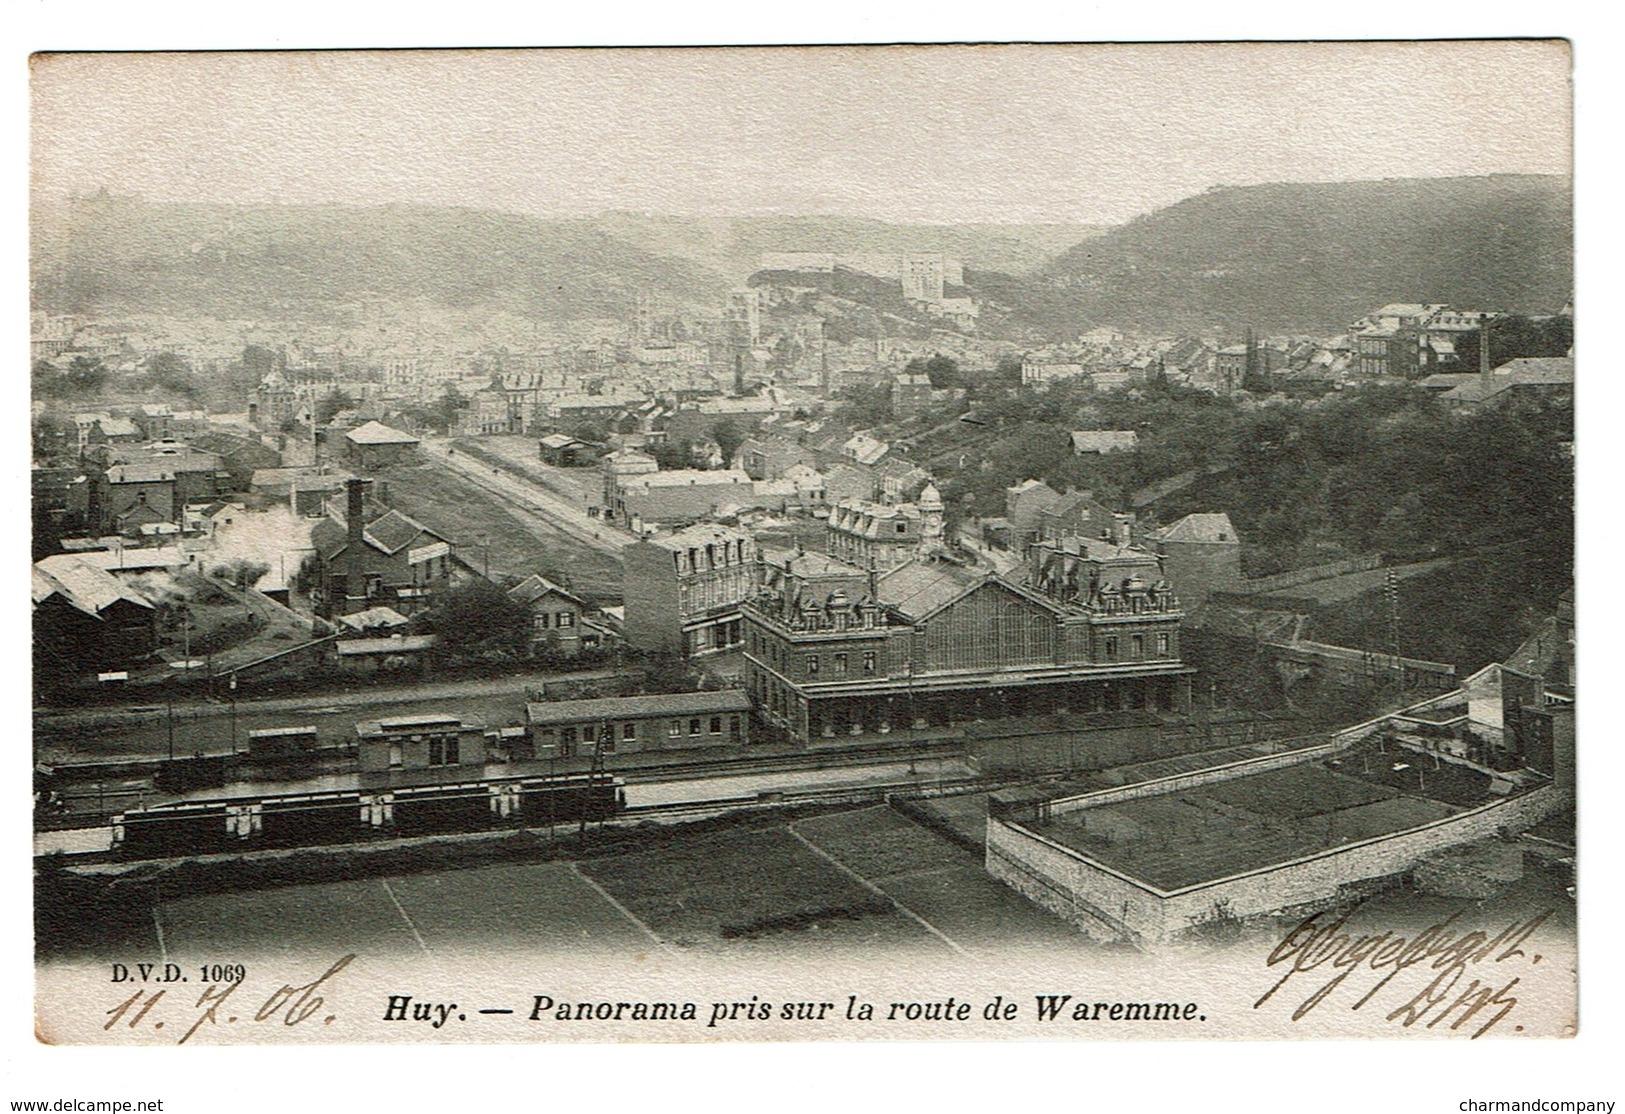 Huy - Panorama Pris Sur La Route De Waremme - Circulée En 1906 - Edit. D.V.D. 1069 - 2 Scans - Hoei